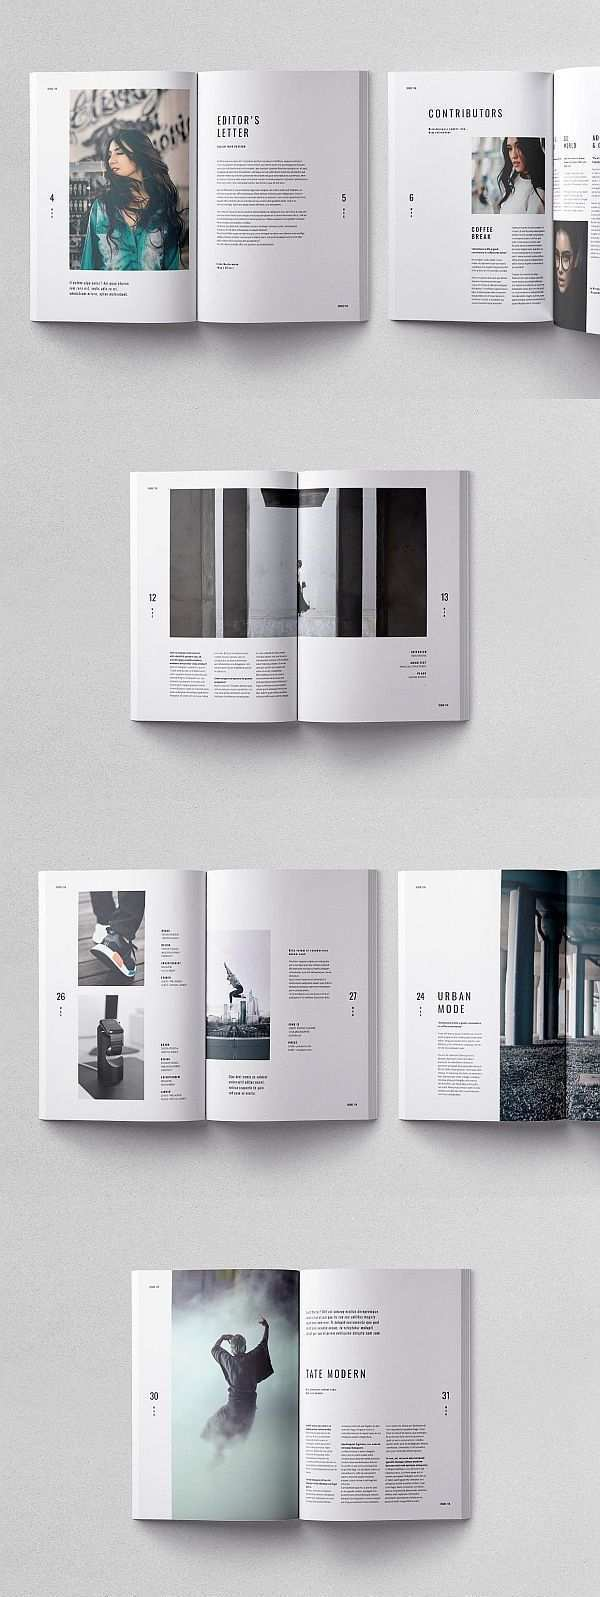 Kult Magazin Vorlage Kultmagazinvorlage Kultmagazinvorlage Portfolio Magazinelayouts In 2020 Buch Design Buch Layouts Buch Und Zeitschriftendesign